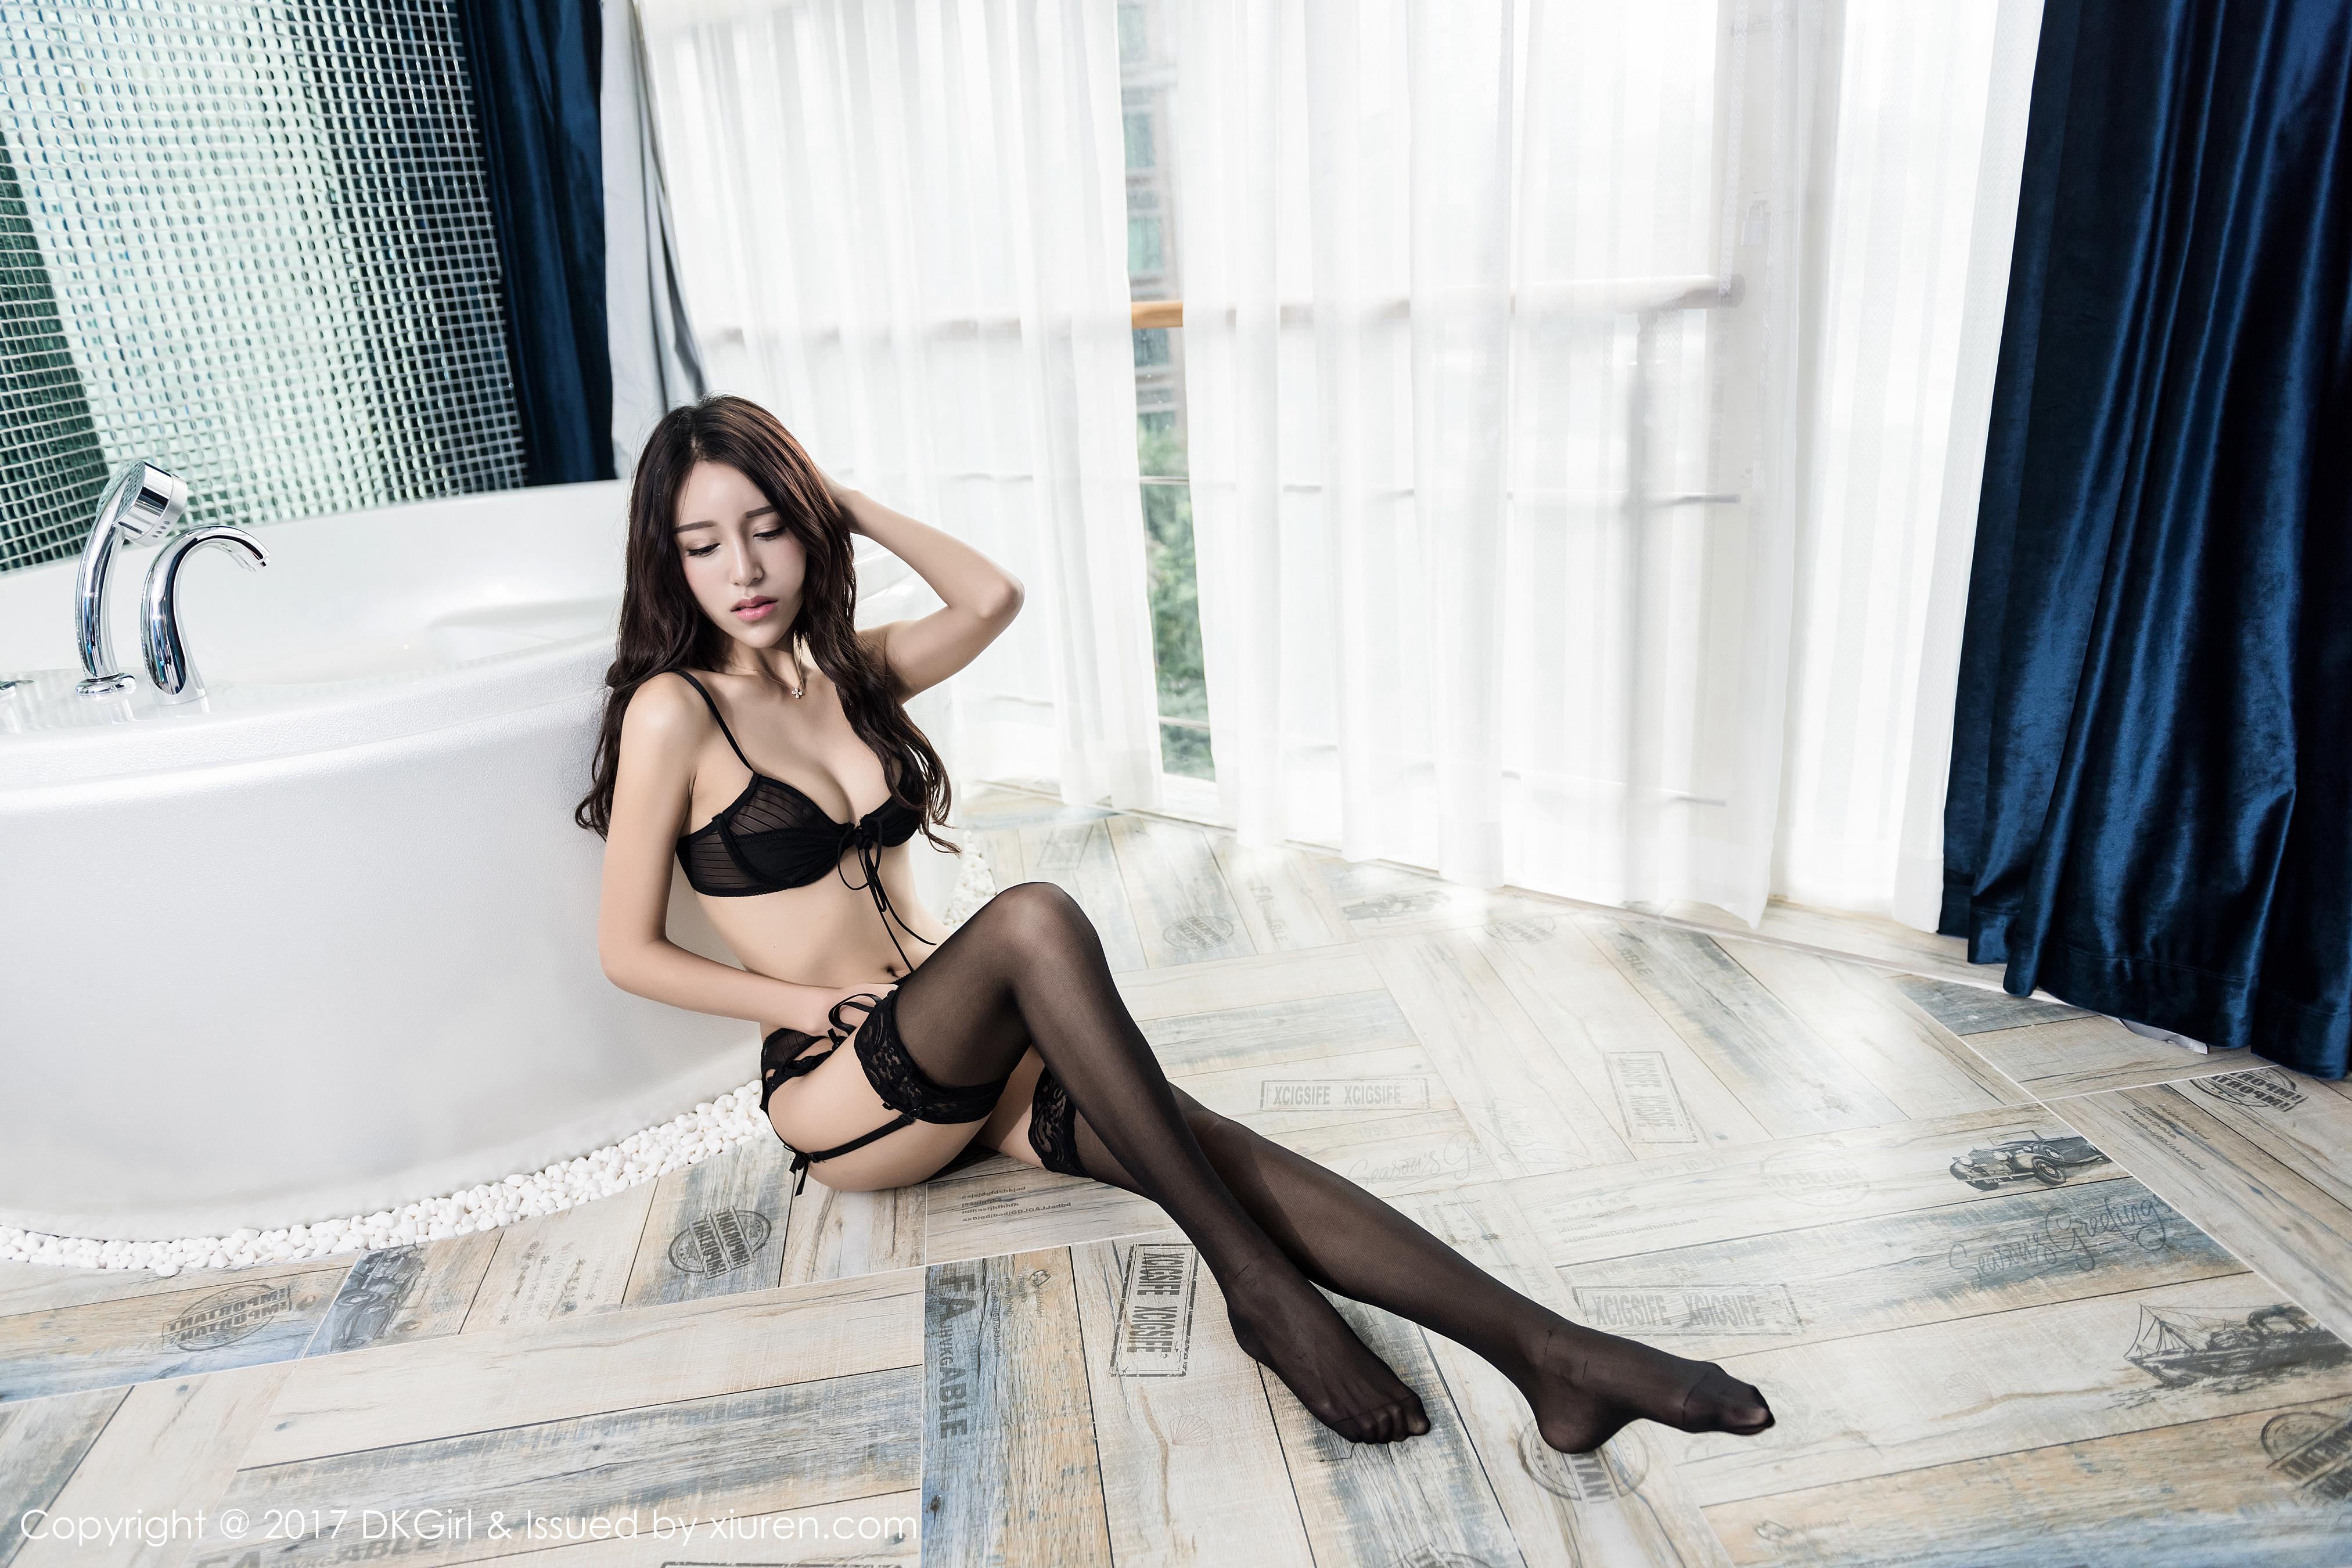 [DKGirl御女郎]DK20170302VOL0014 欧尼anne 黑色性感内衣加黑色丝袜美腿与湿身诱惑私房写真集